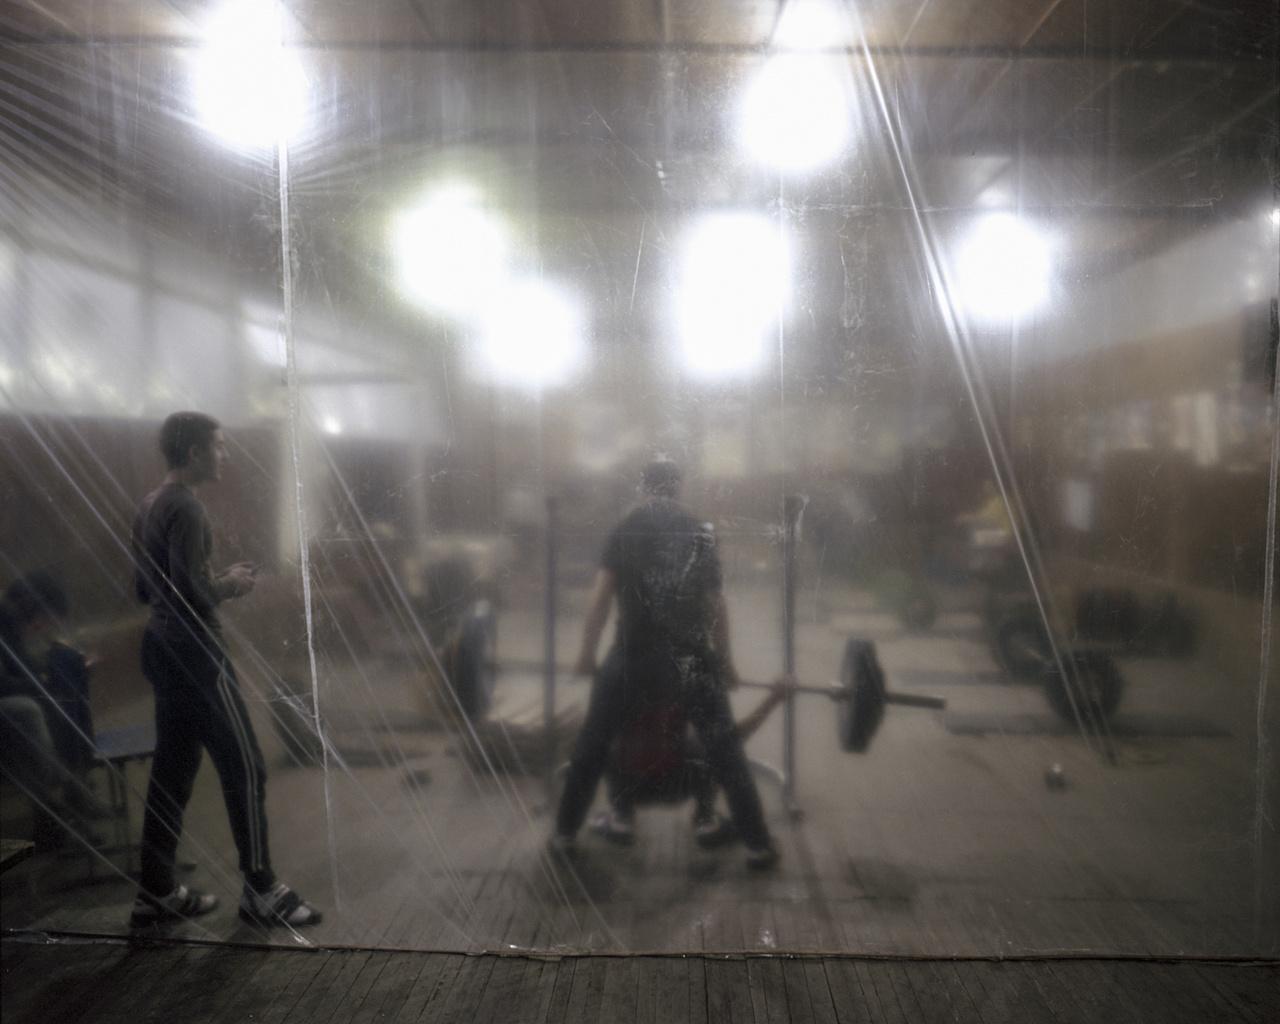 A fűtésrendszer hiányában körbefóliázták az edzőtermet Vanadzorban, ahol csak egy kis kályha fűt. A hideg sem akadályozhatja a gyerekeket az edzésben.